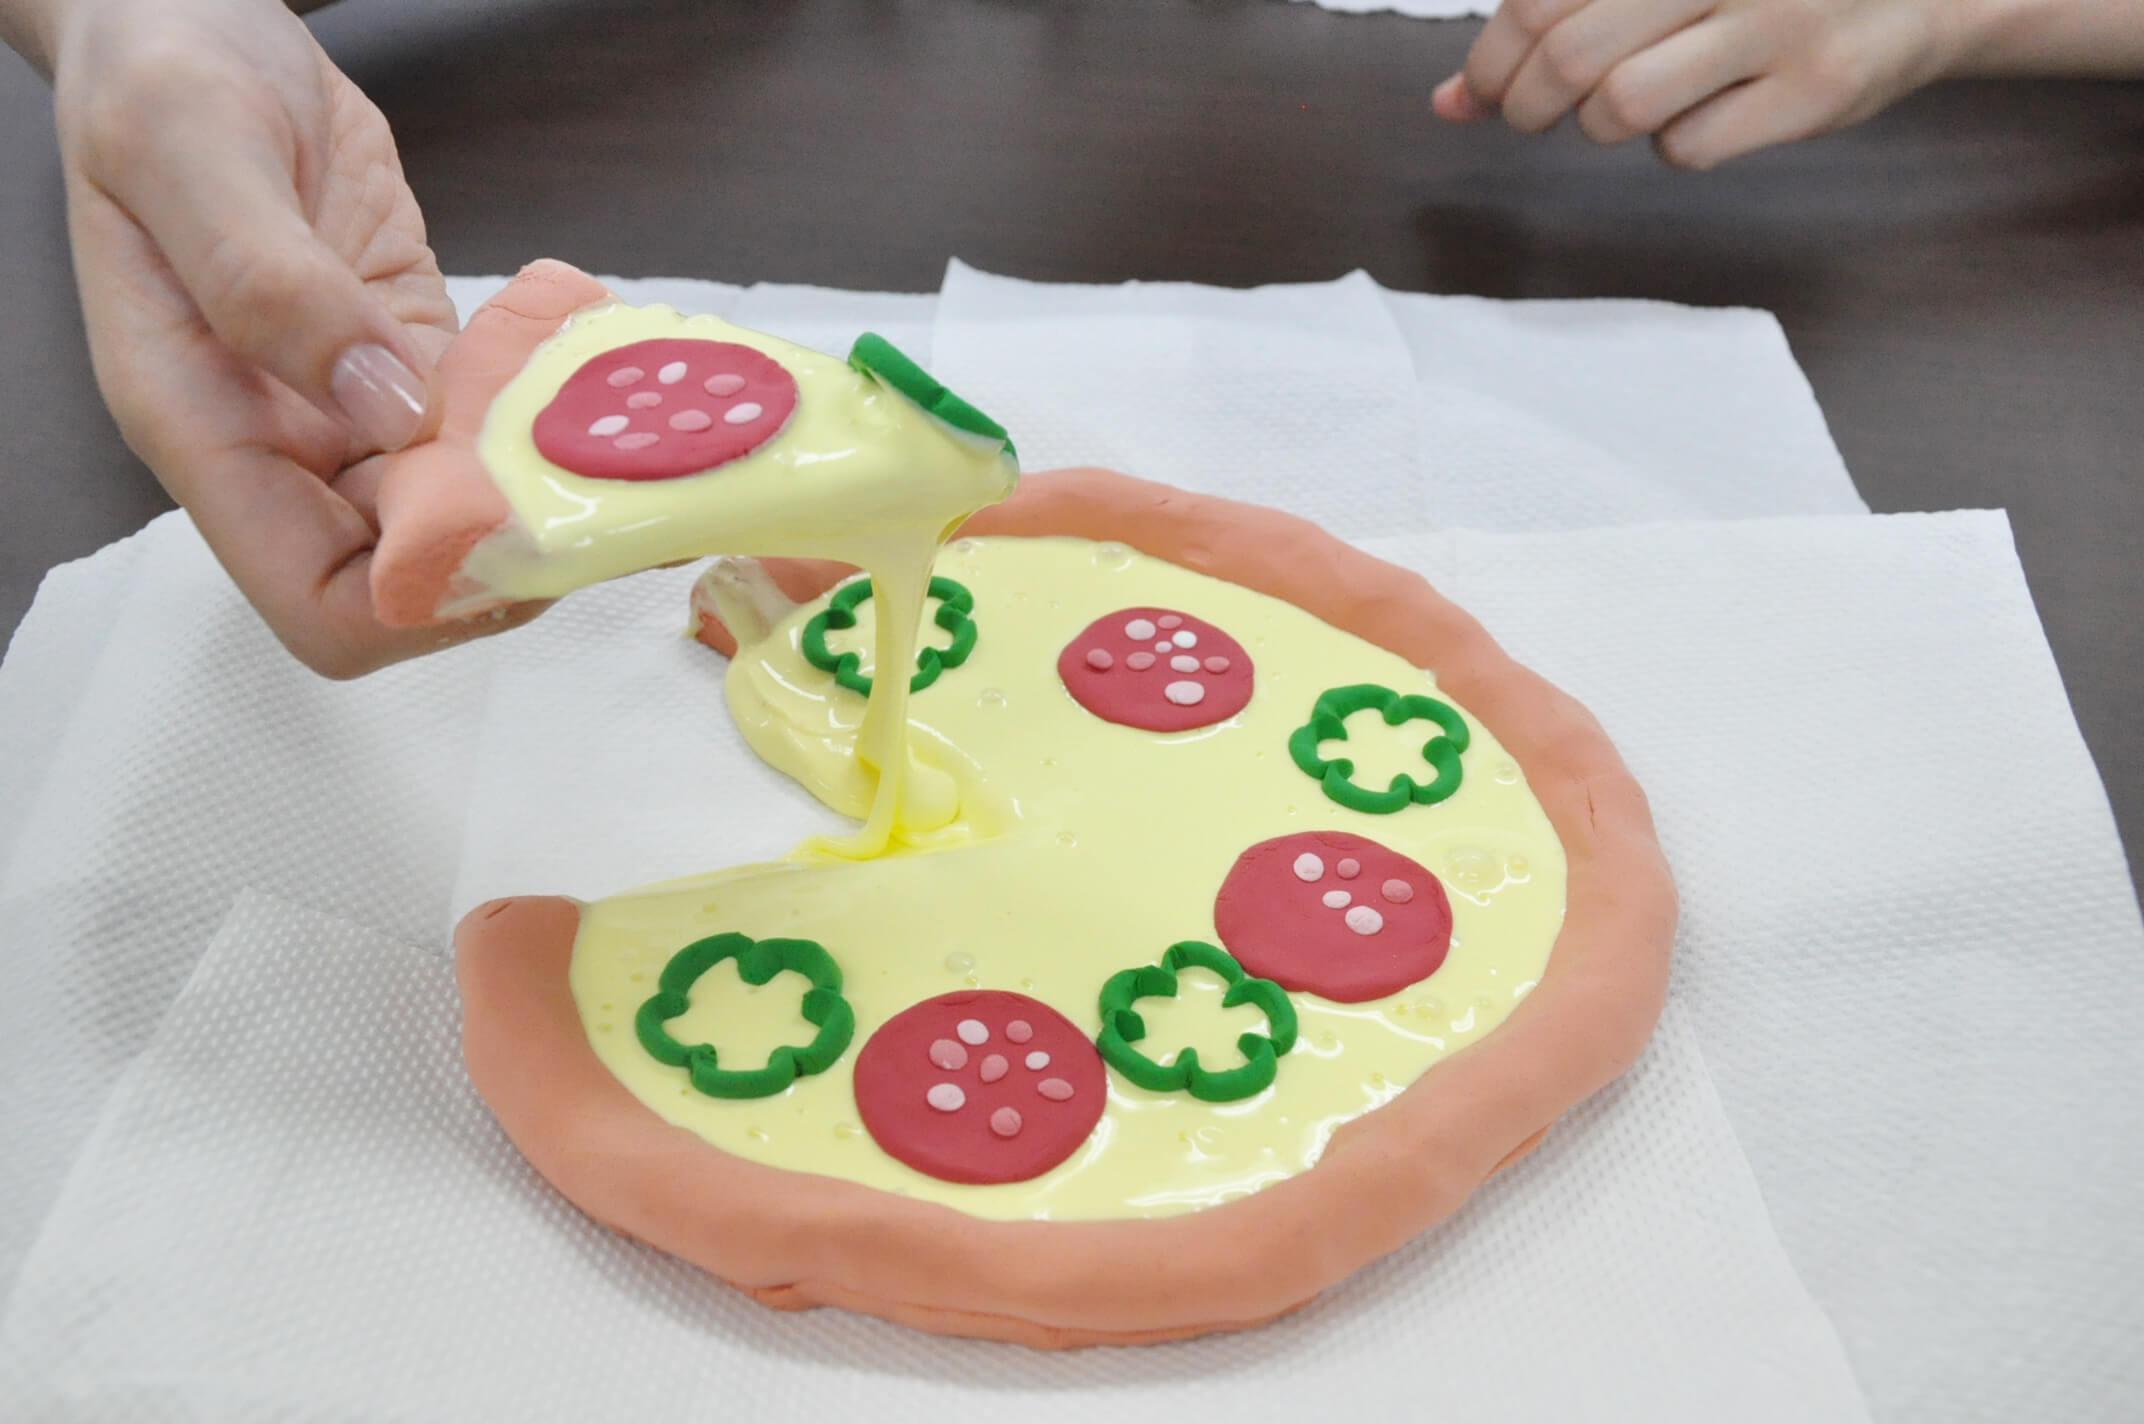 まるで本物!思わず食べてしまいそうなバタースライムとチーズとろ~りピザスライムを作ってみよう!